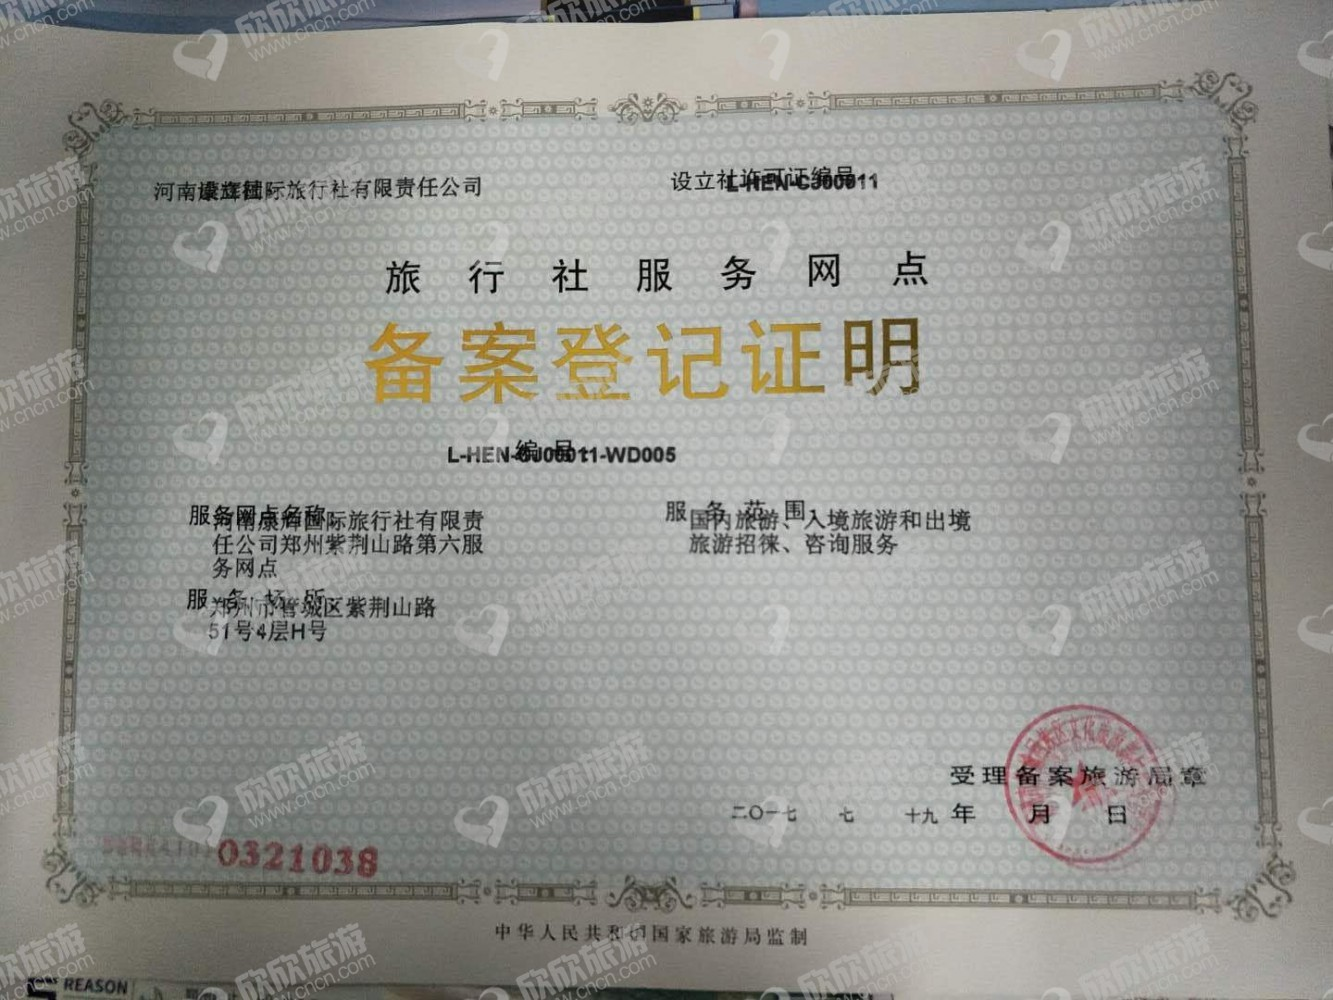 河南康辉国际旅行社有限责任公司郑州紫荆山路第六服务网点经营许可证